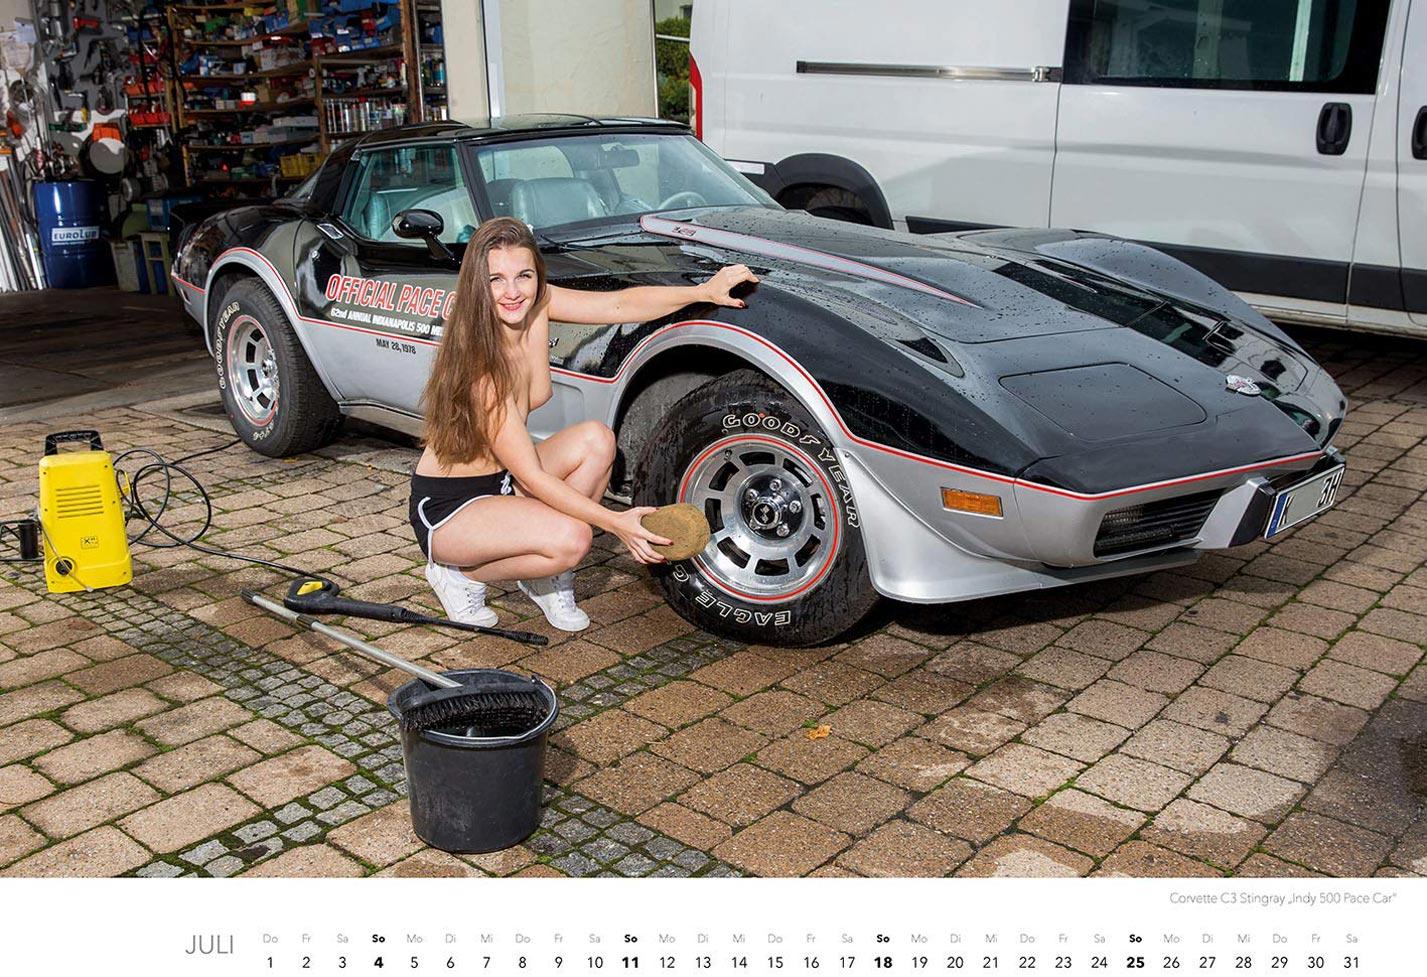 Эротический календарь с сексуальными полуголыми девушками, моющими машины / июль